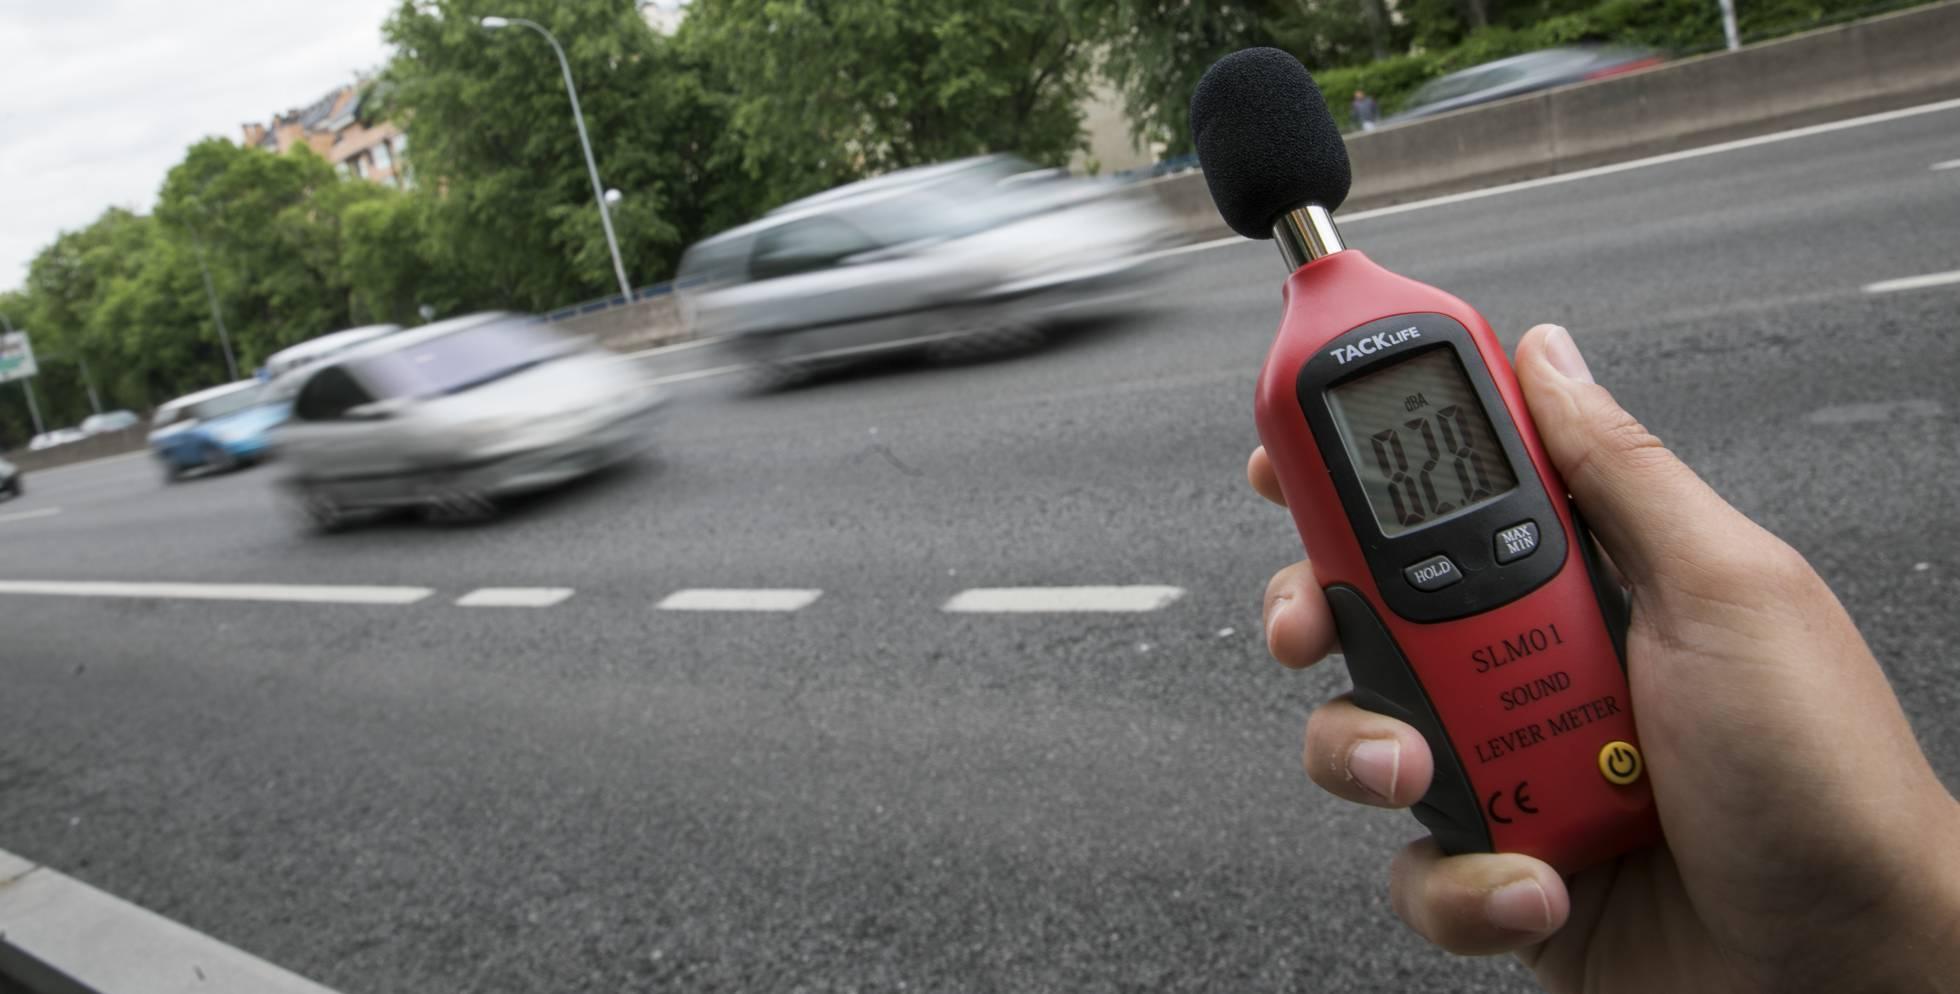 Medición de sonido en la autovía de Extremadura. CARLOS ROSILLO :: elpais.com